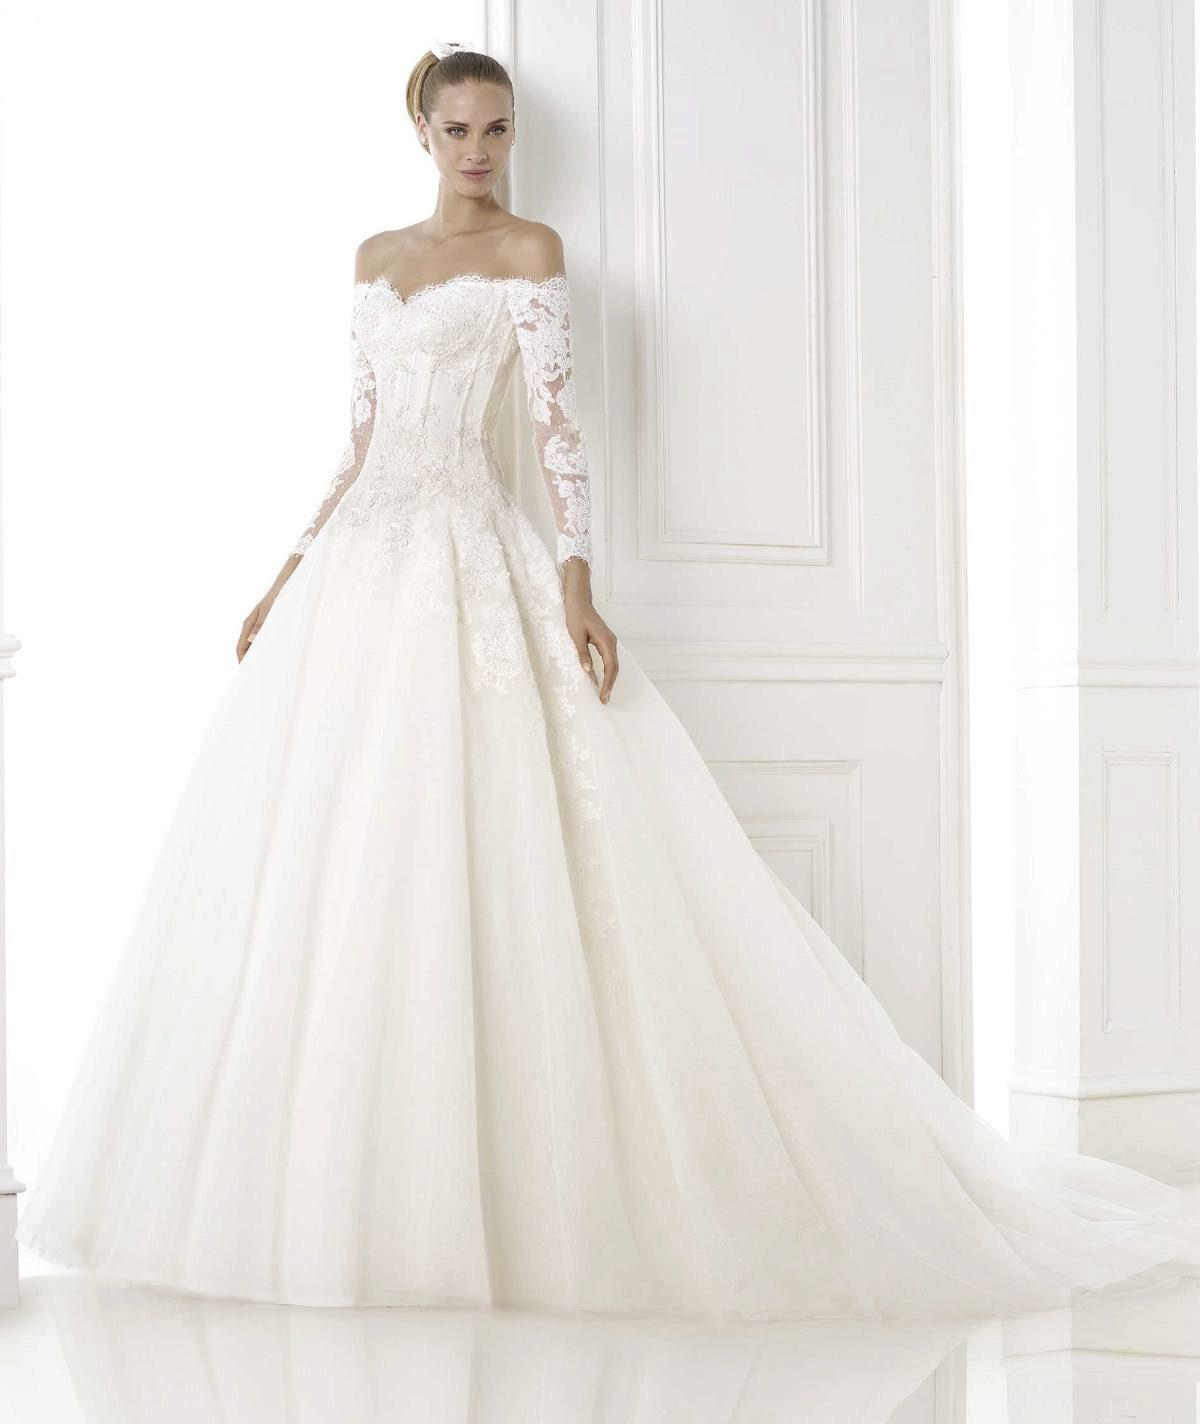 Свадебное платье с рукавами из кружева  варианты с длинными ... 0301dfdba52